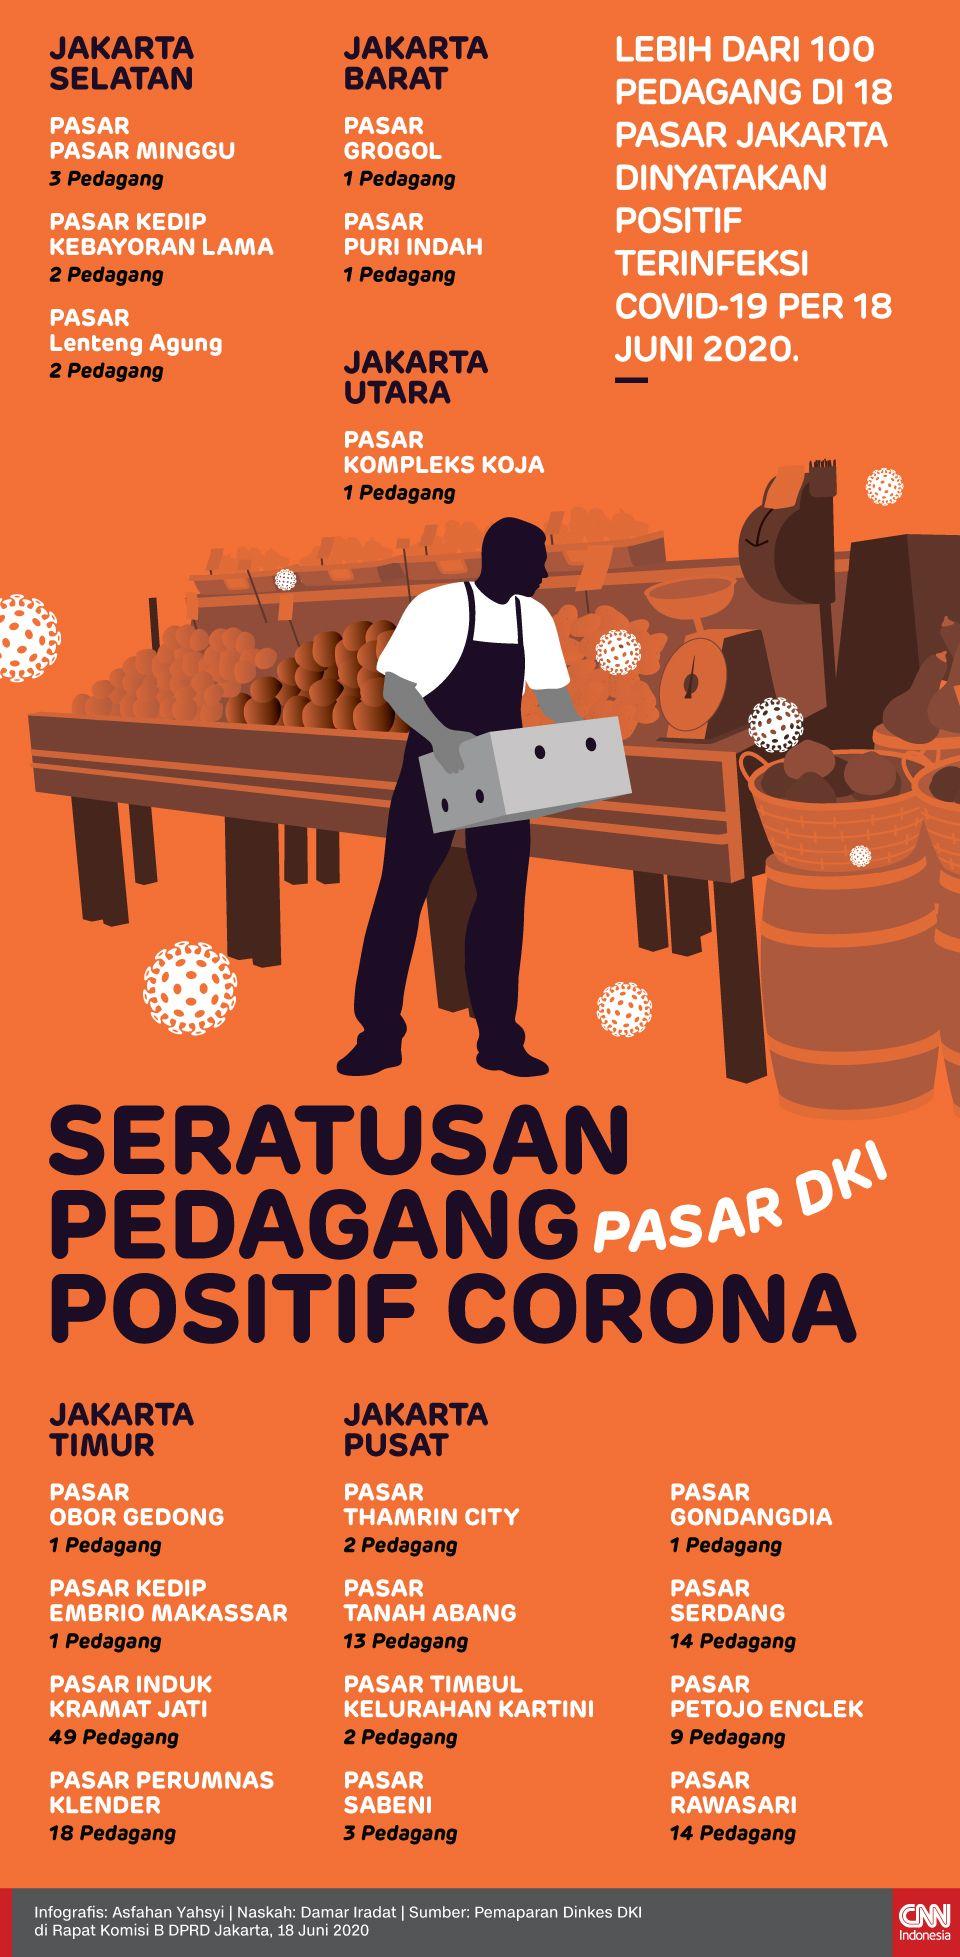 Infografis Seratusan Pedagang Pasar DKI Positif Corona